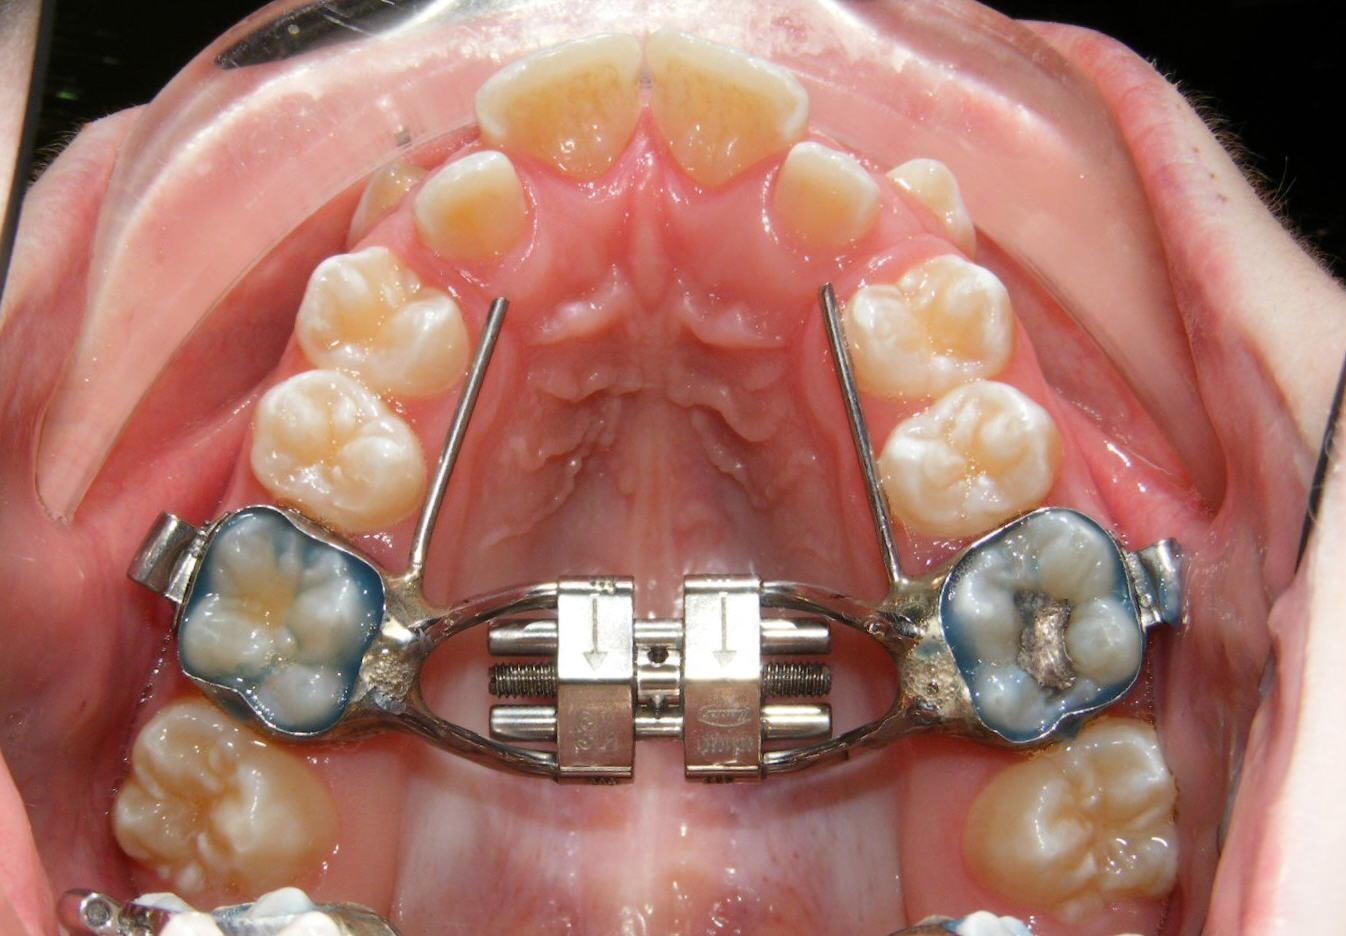 بهداشت دهان در مدت استفاده از وسیع کننده